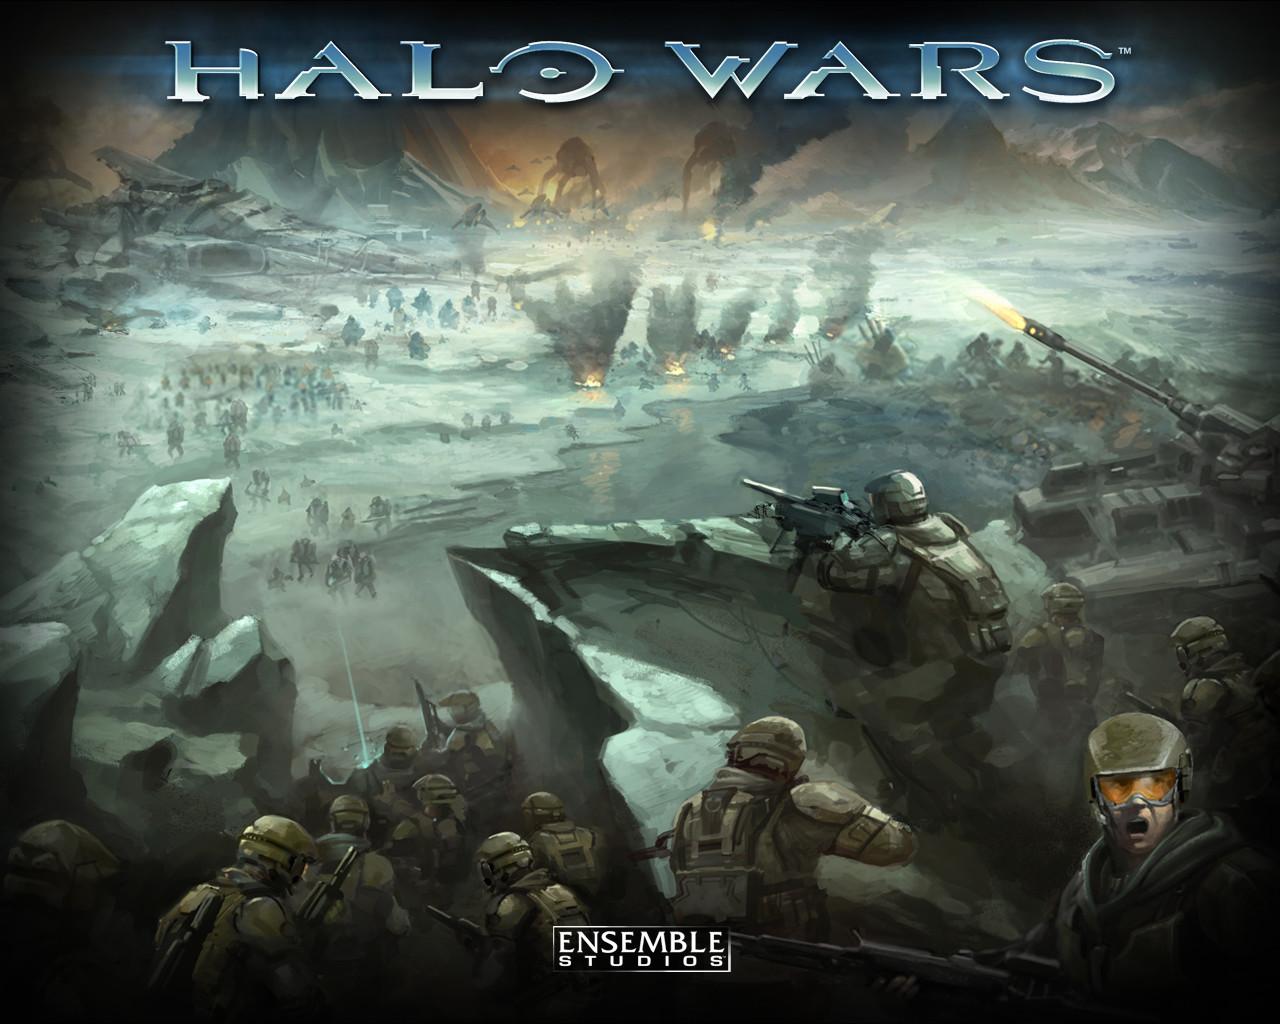 """Bungie vió a Halo Wars como """"prostitución"""" dentro del universo Halo"""